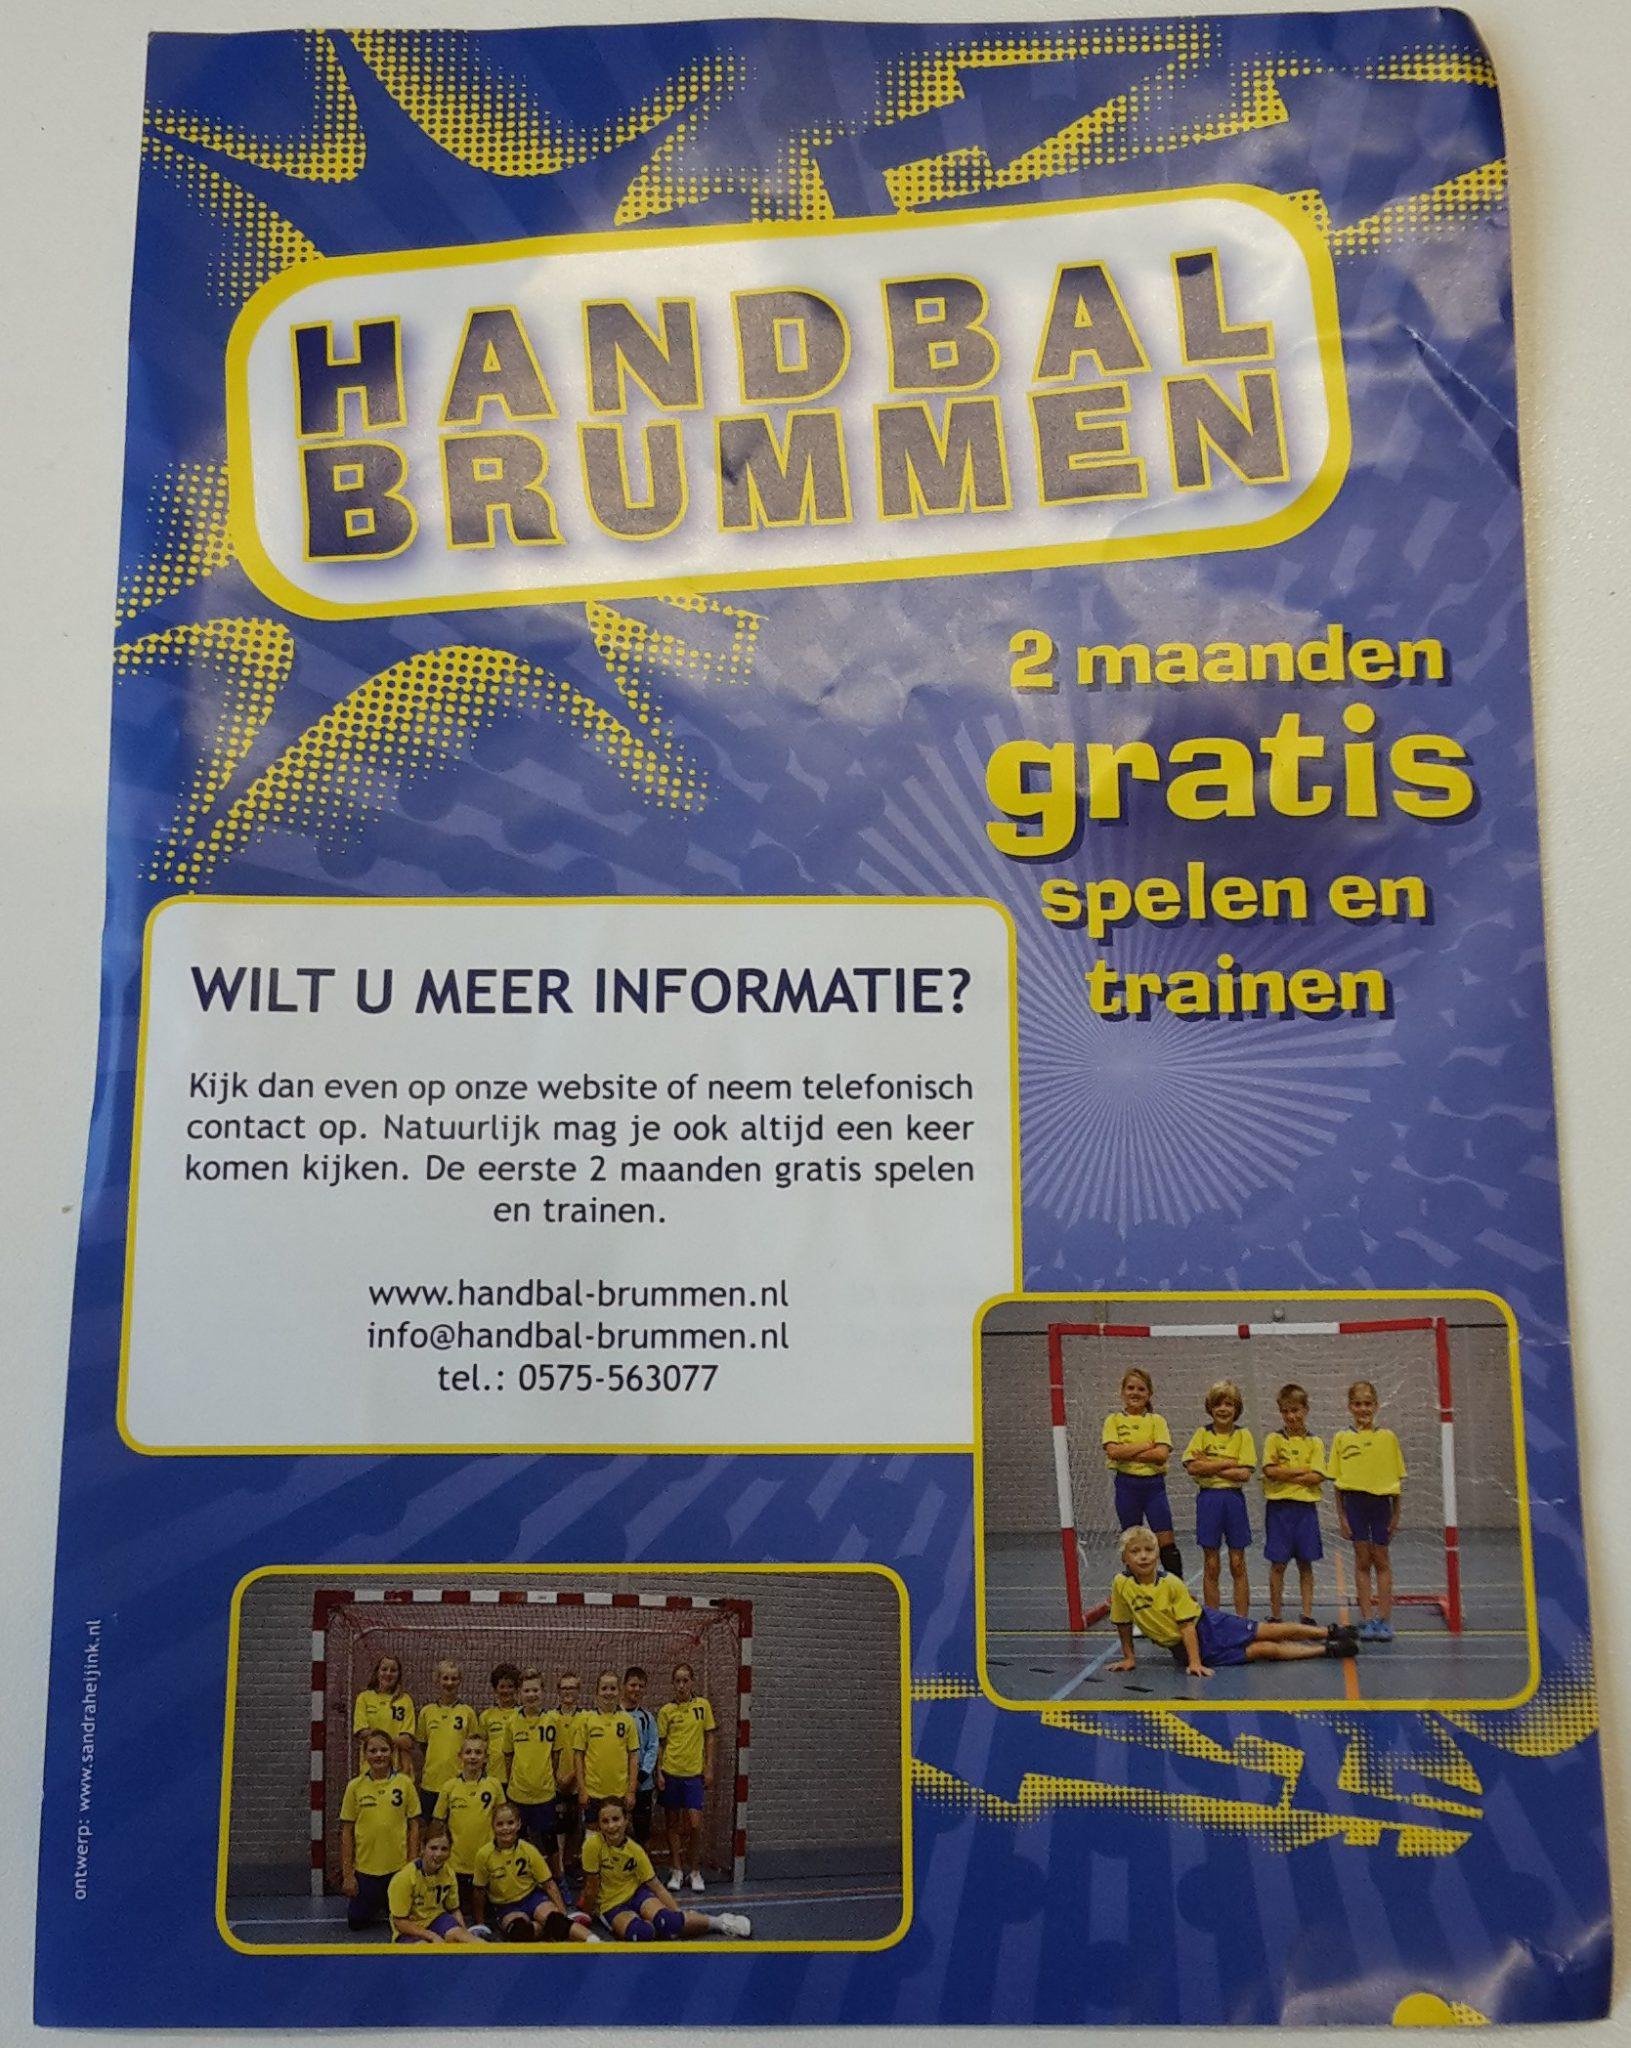 Handbal Brummen - 2 maanden gratis proeftrainen